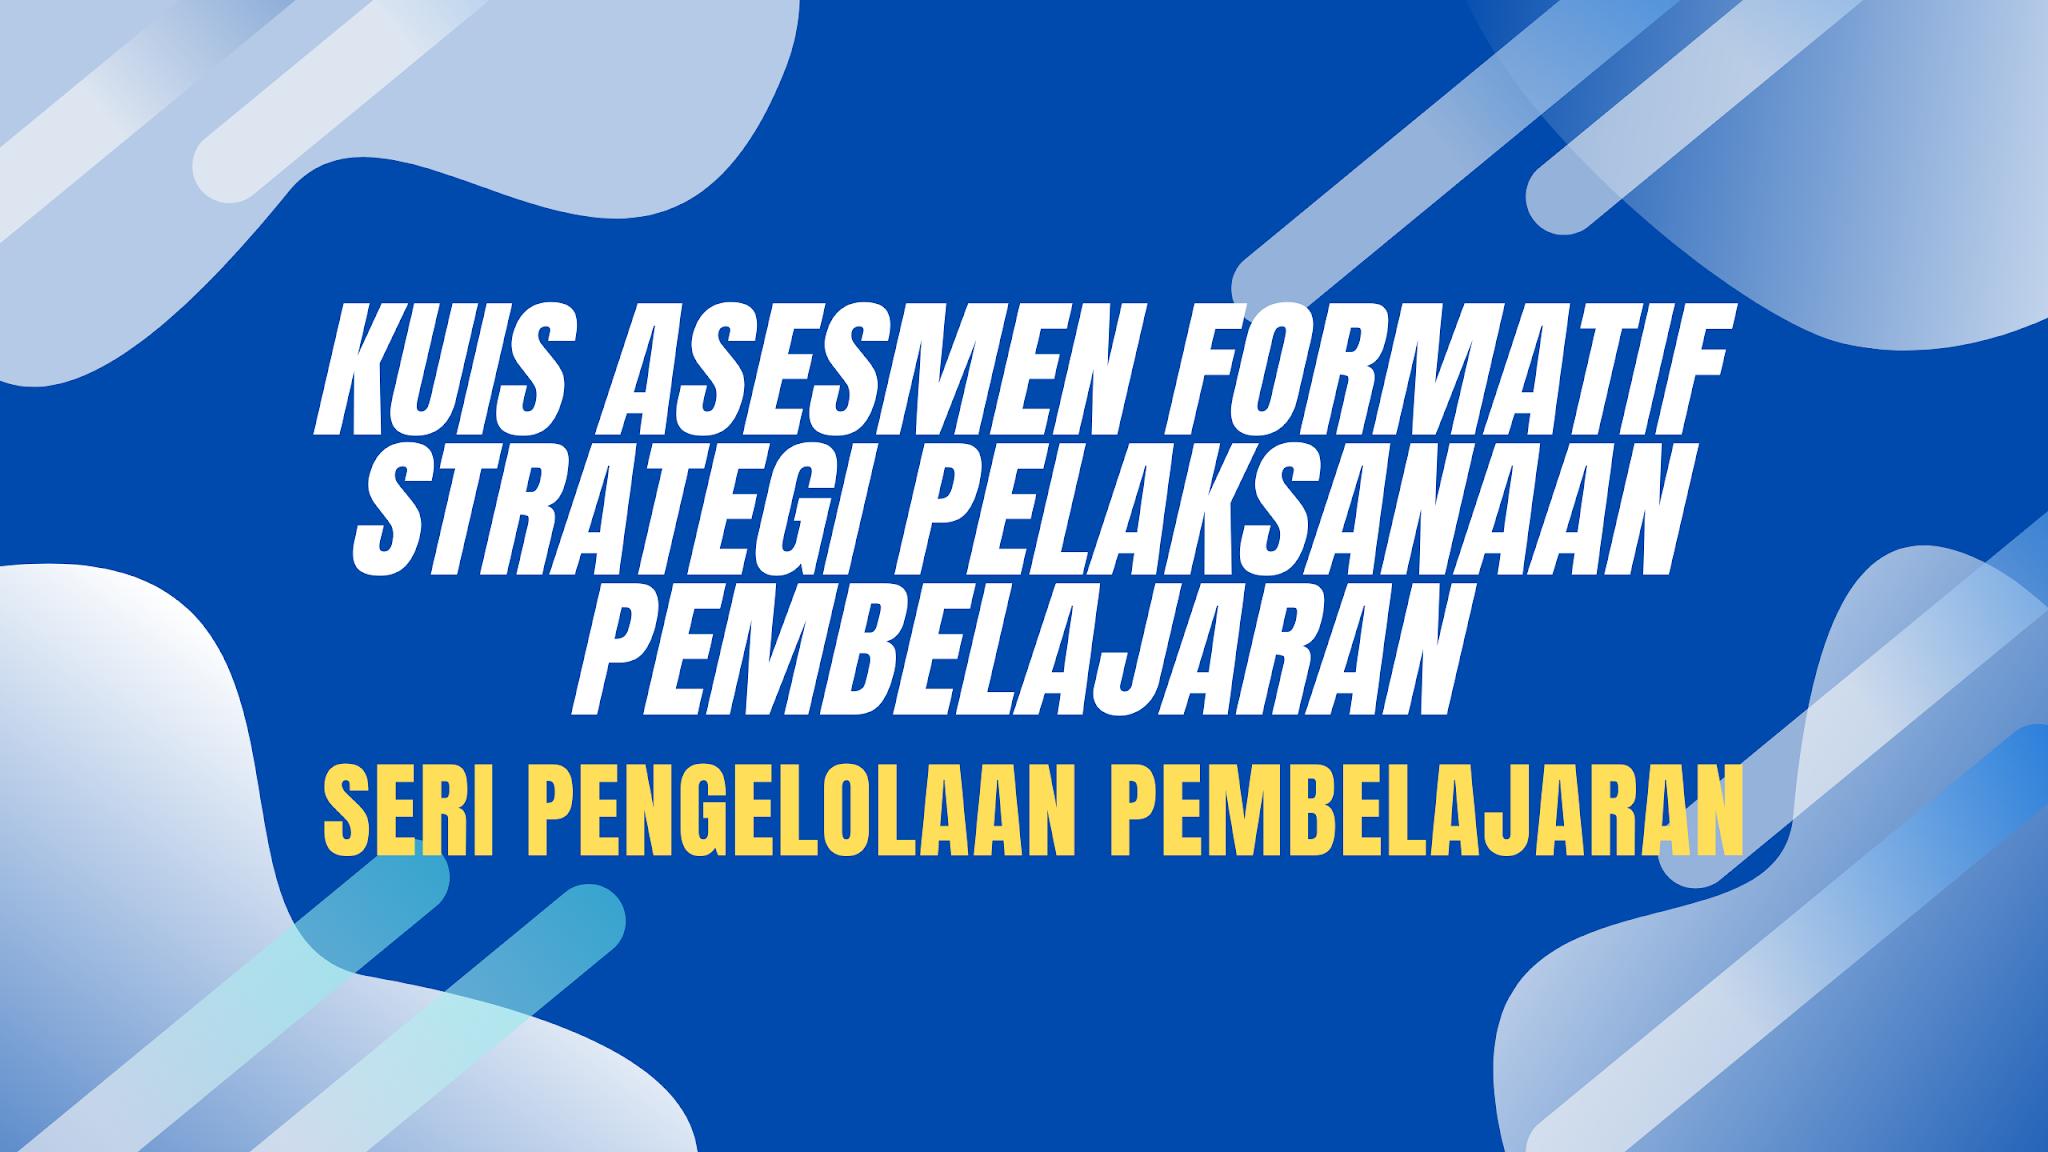 gambar kuis asesmen formatif strategi pelaksanaan Pembelajaran